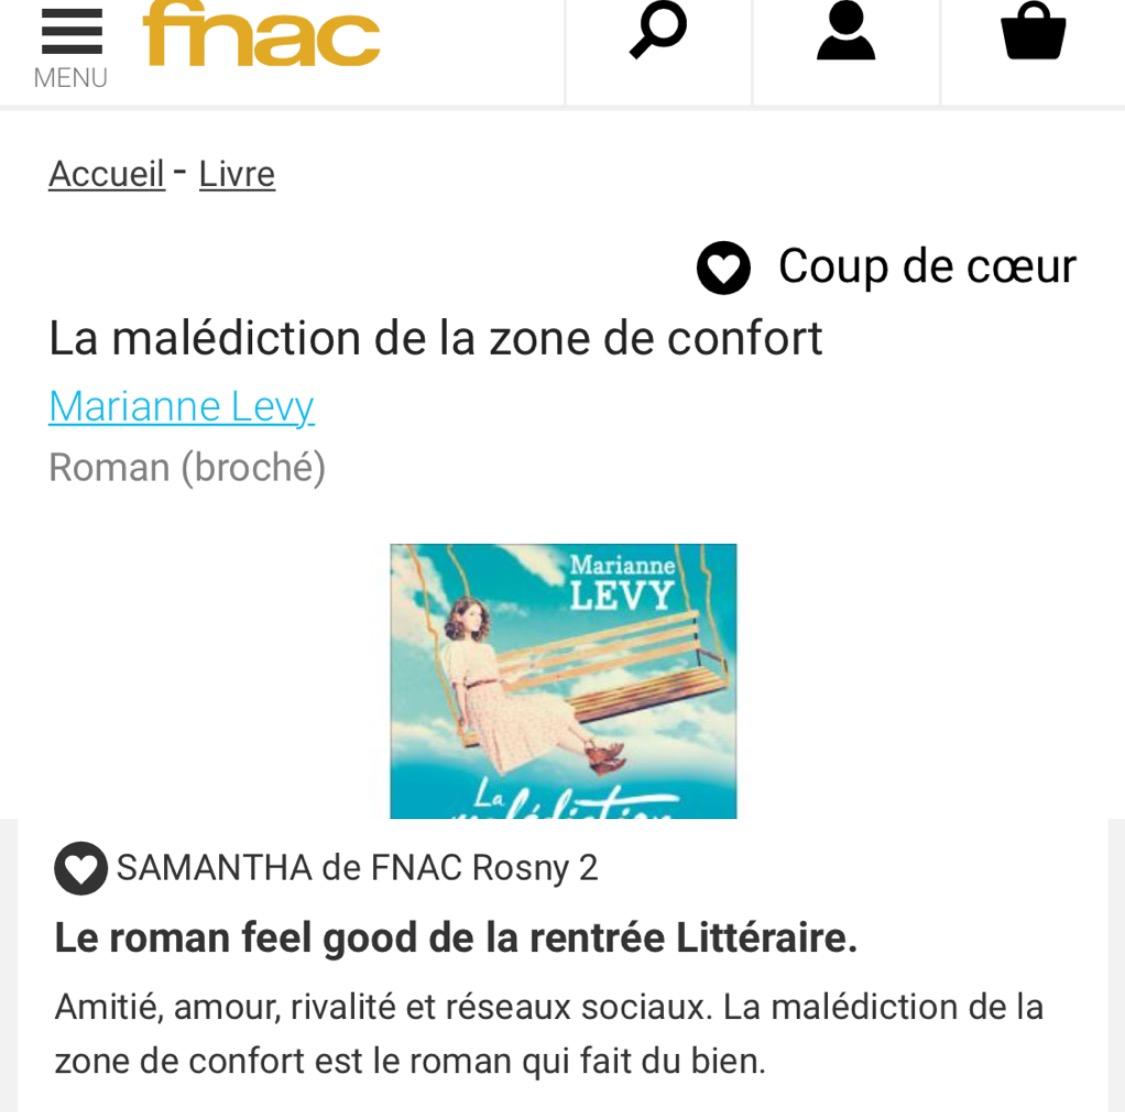 CoupdecoeurFanc